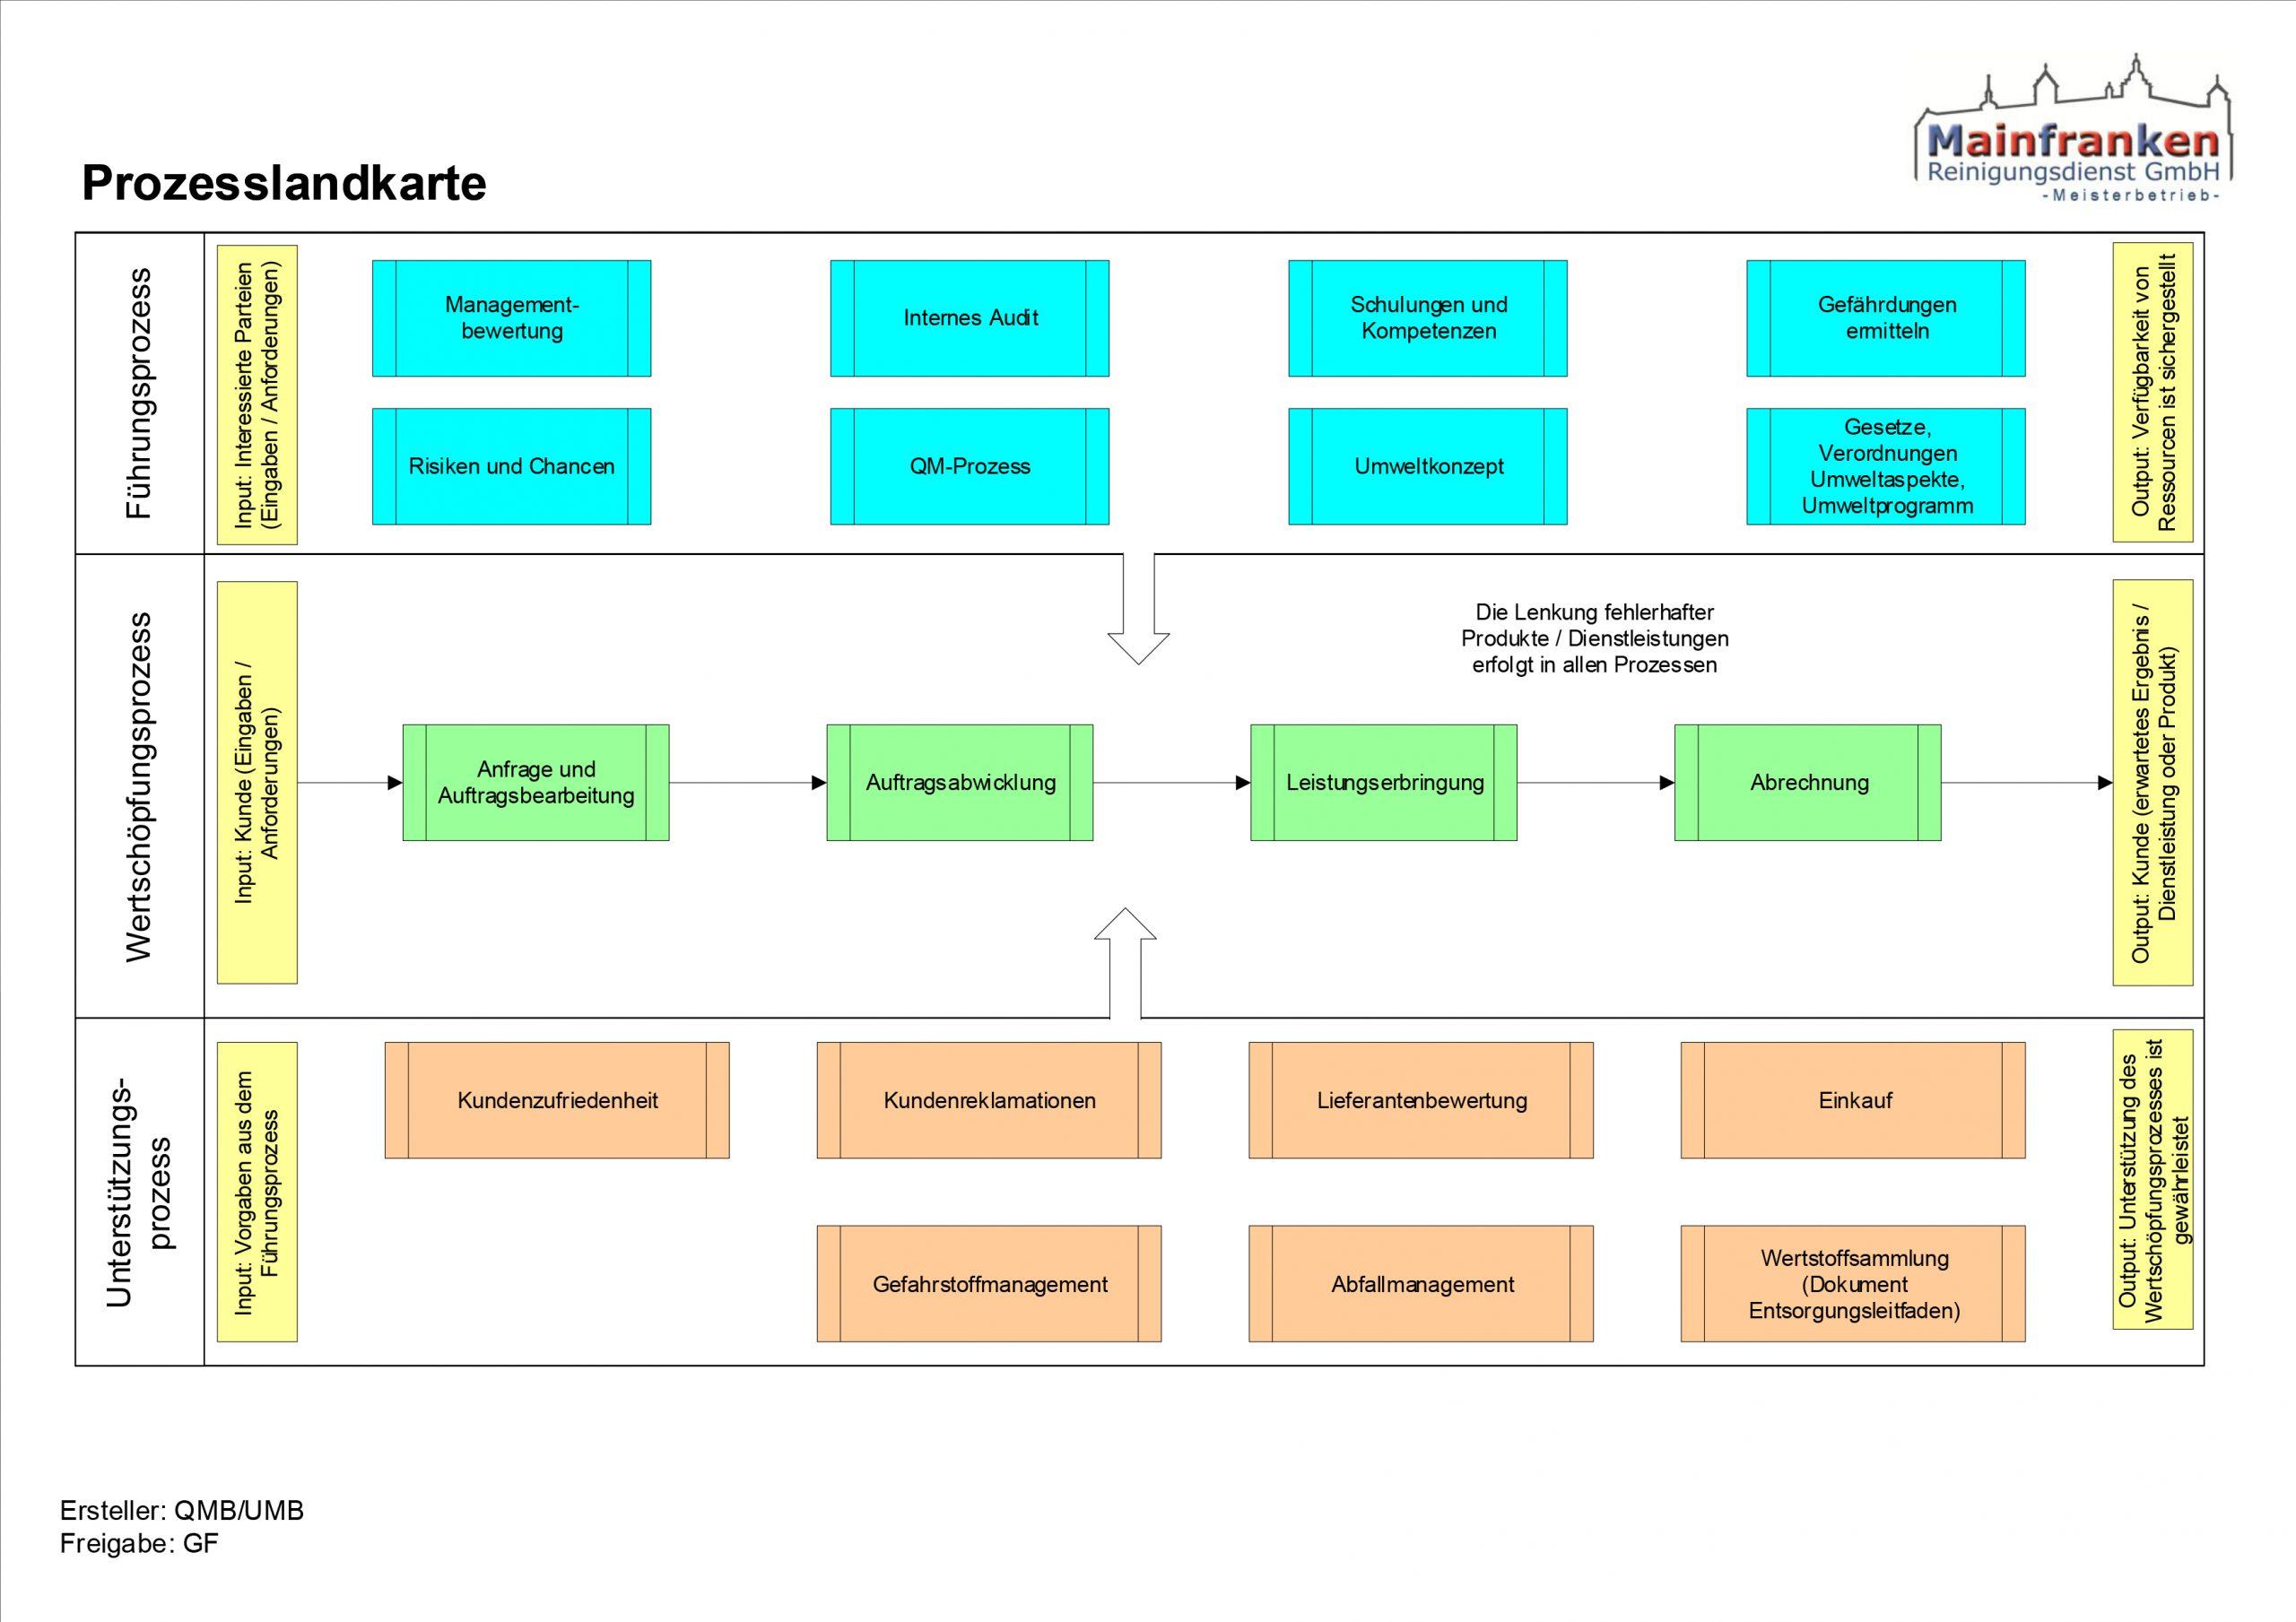 Schaubild zur Prozesslandkarte